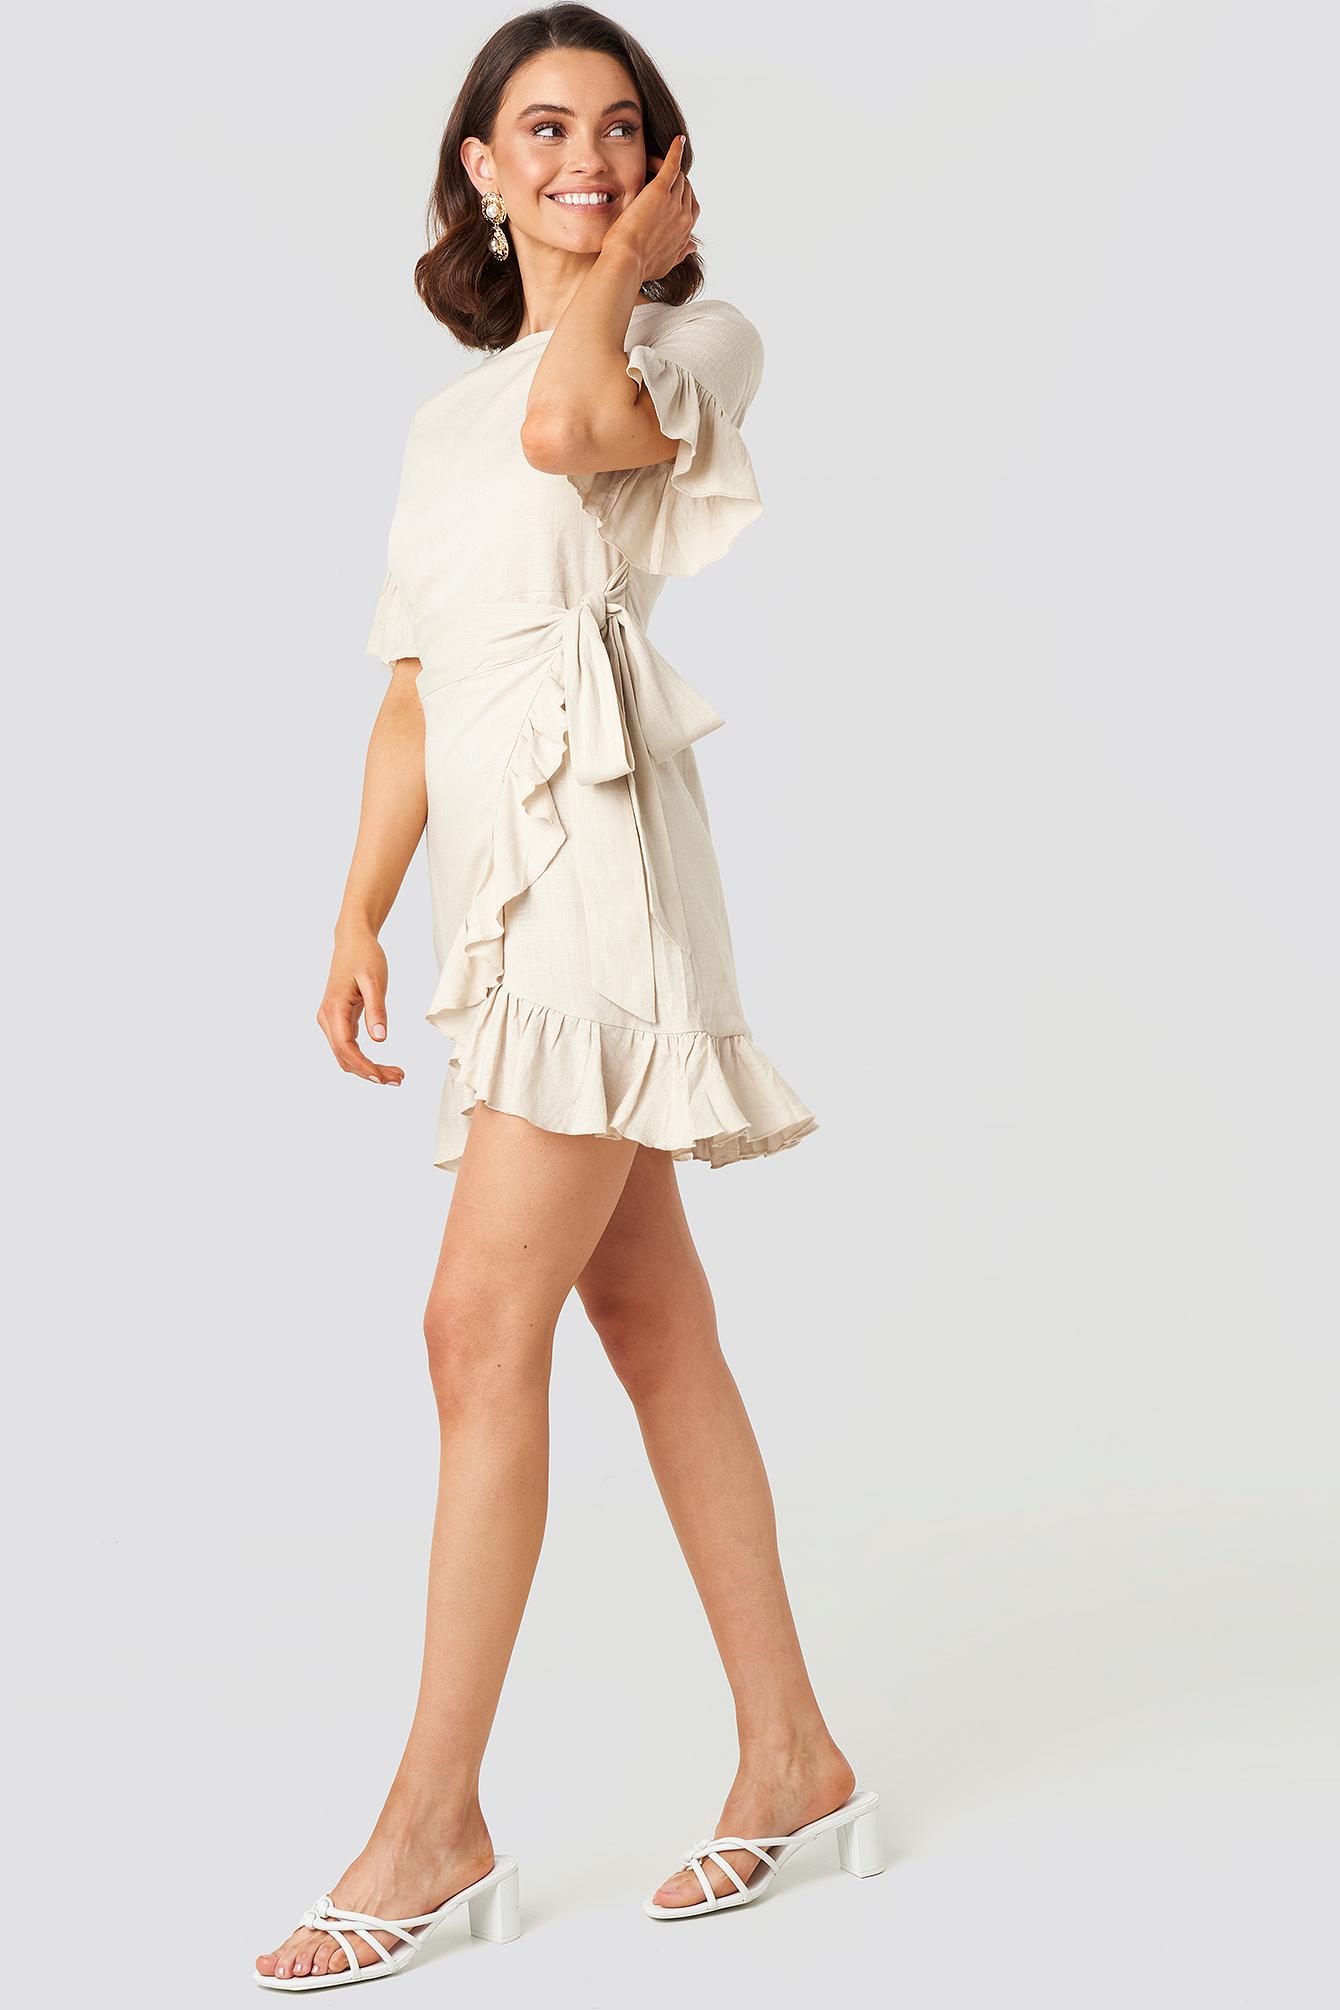 Queen Of Jetlags X Na-kd Linen Mix Frill Detailed Dress - Beige